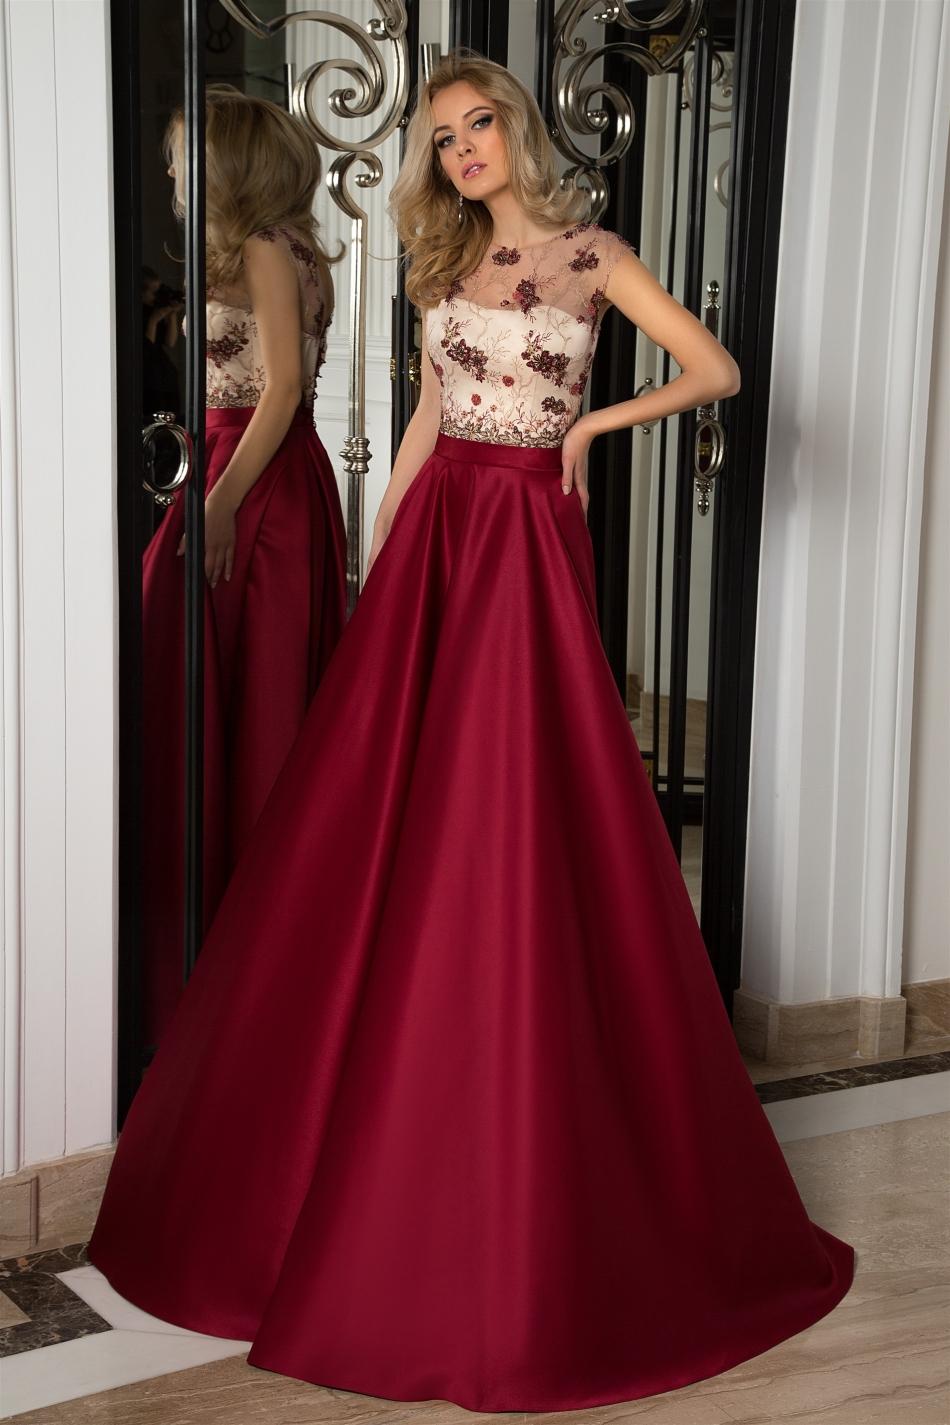 ef752b25cb48 OKSANA MUKHA - spoločenské šaty model 16-1053 - spoločenské šaty